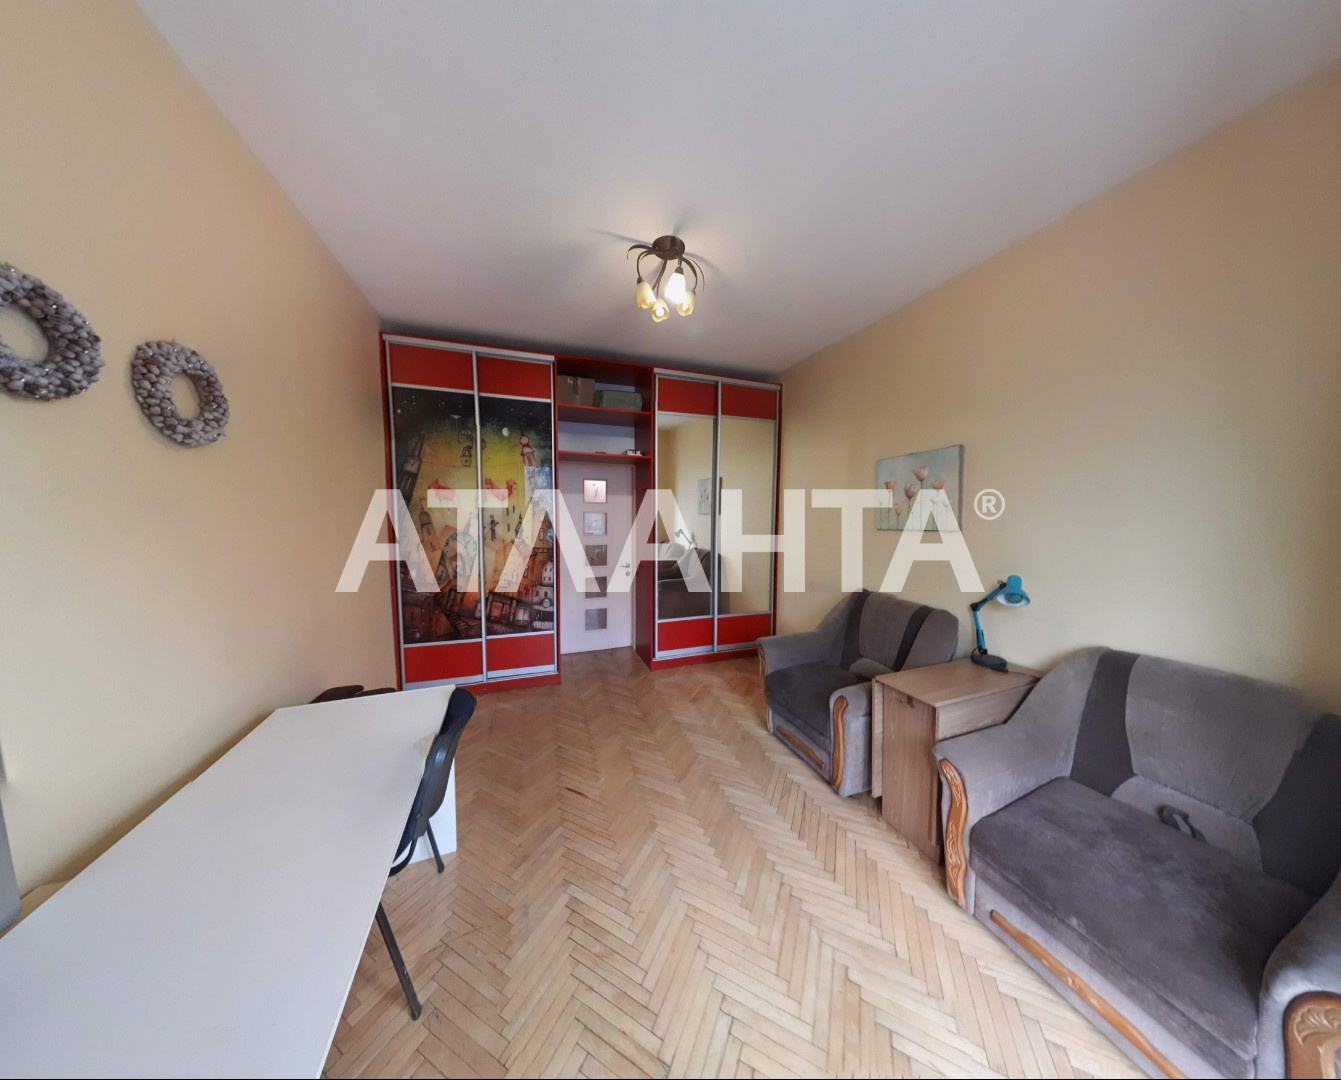 Продается 3-комнатная Квартира на ул. Просп.Науки — 64 900 у.е. (фото №5)